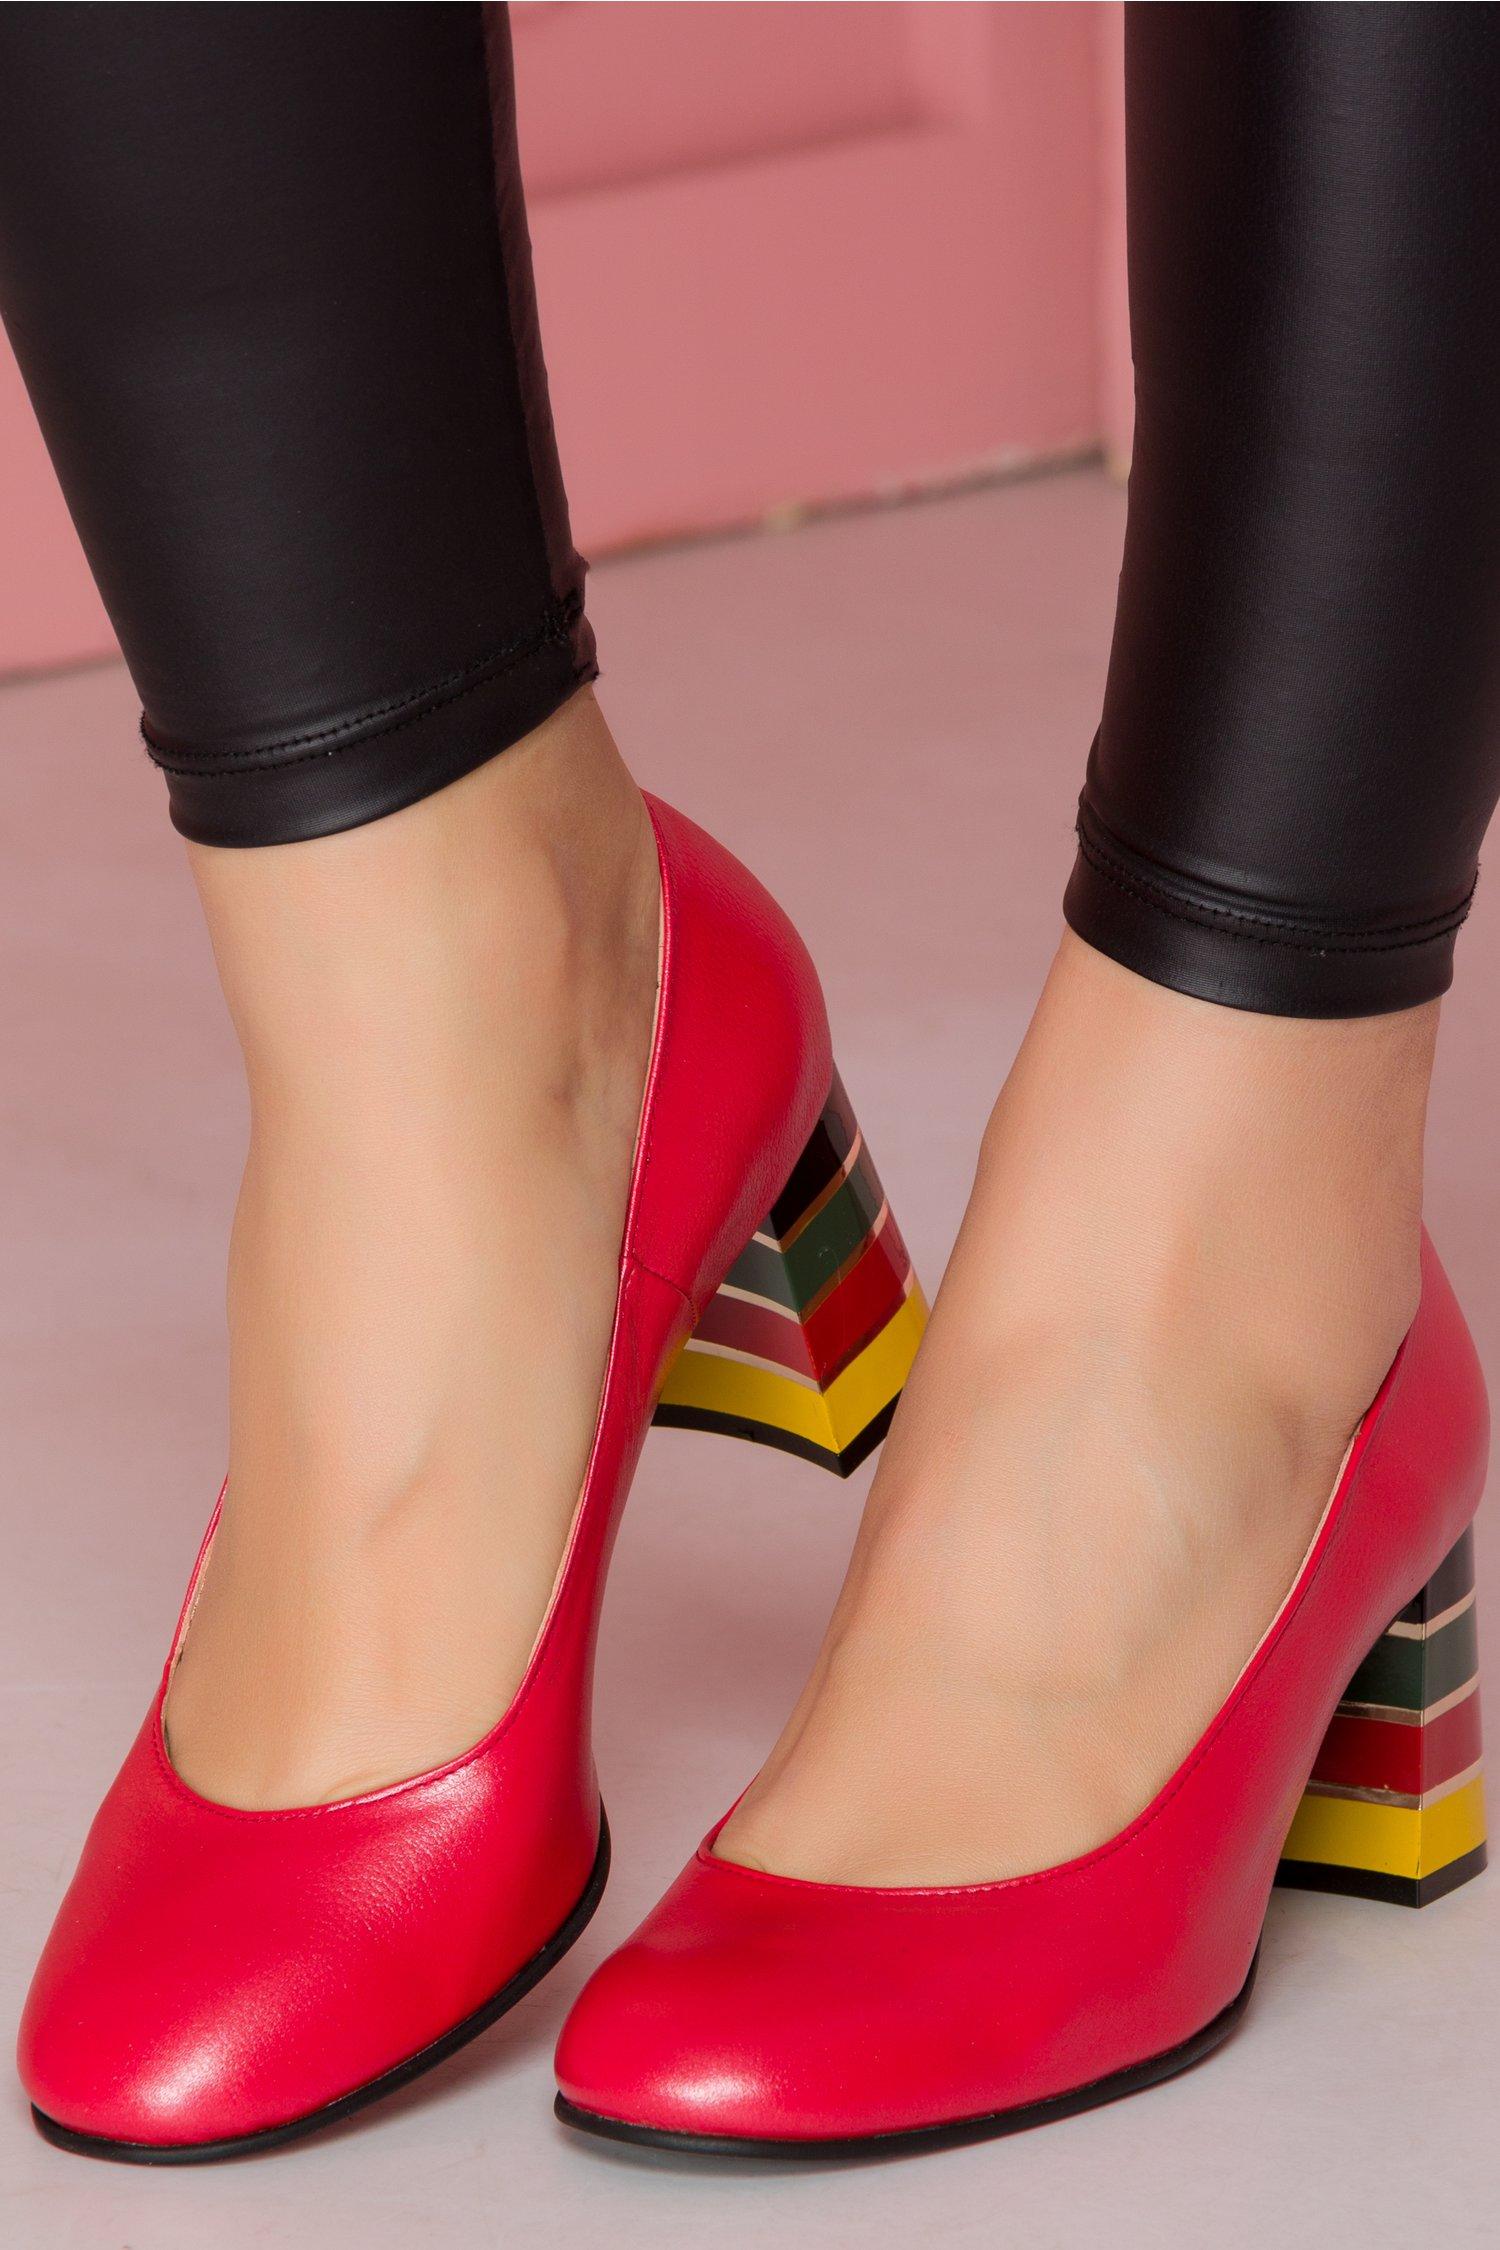 Pantofi rosii cu toc lacuit multicolor in dungi imagine